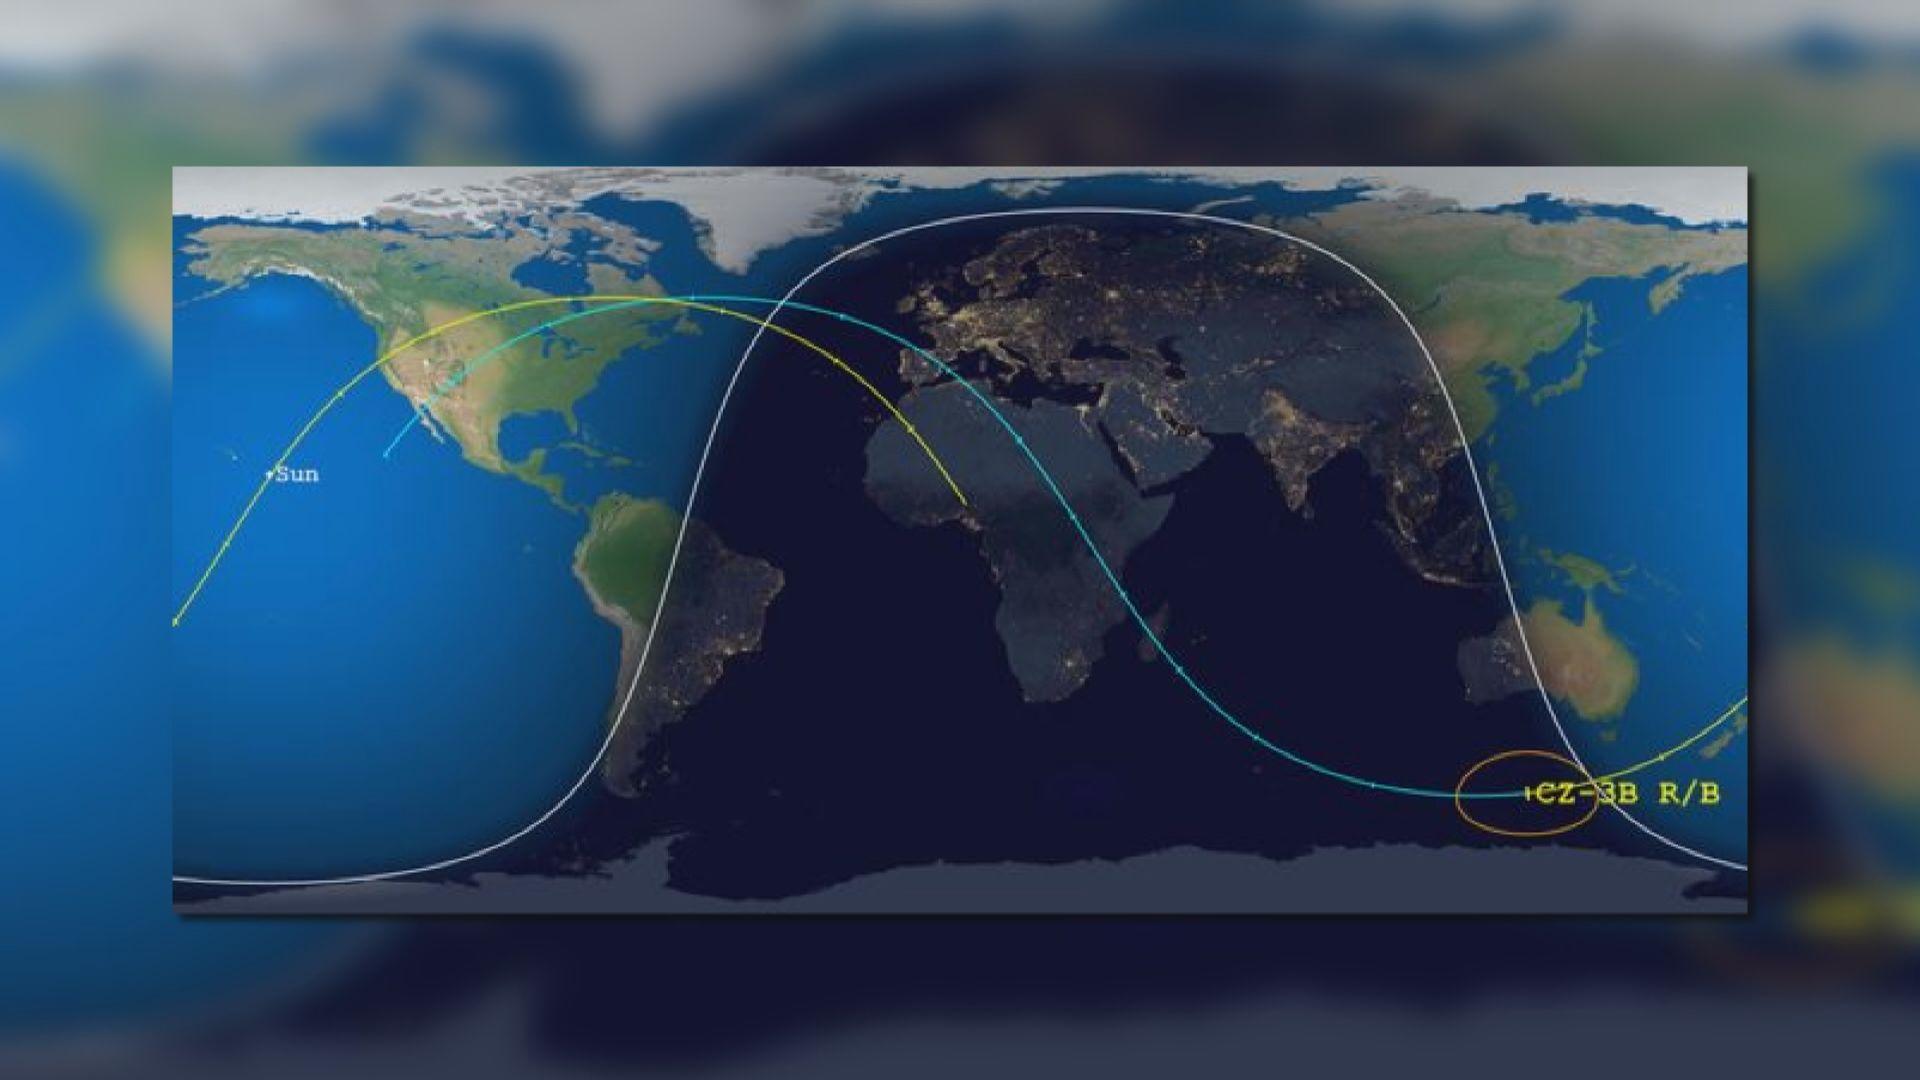 長征五號部分殘骸將墜落地面 歐美多國正追蹤火箭位置